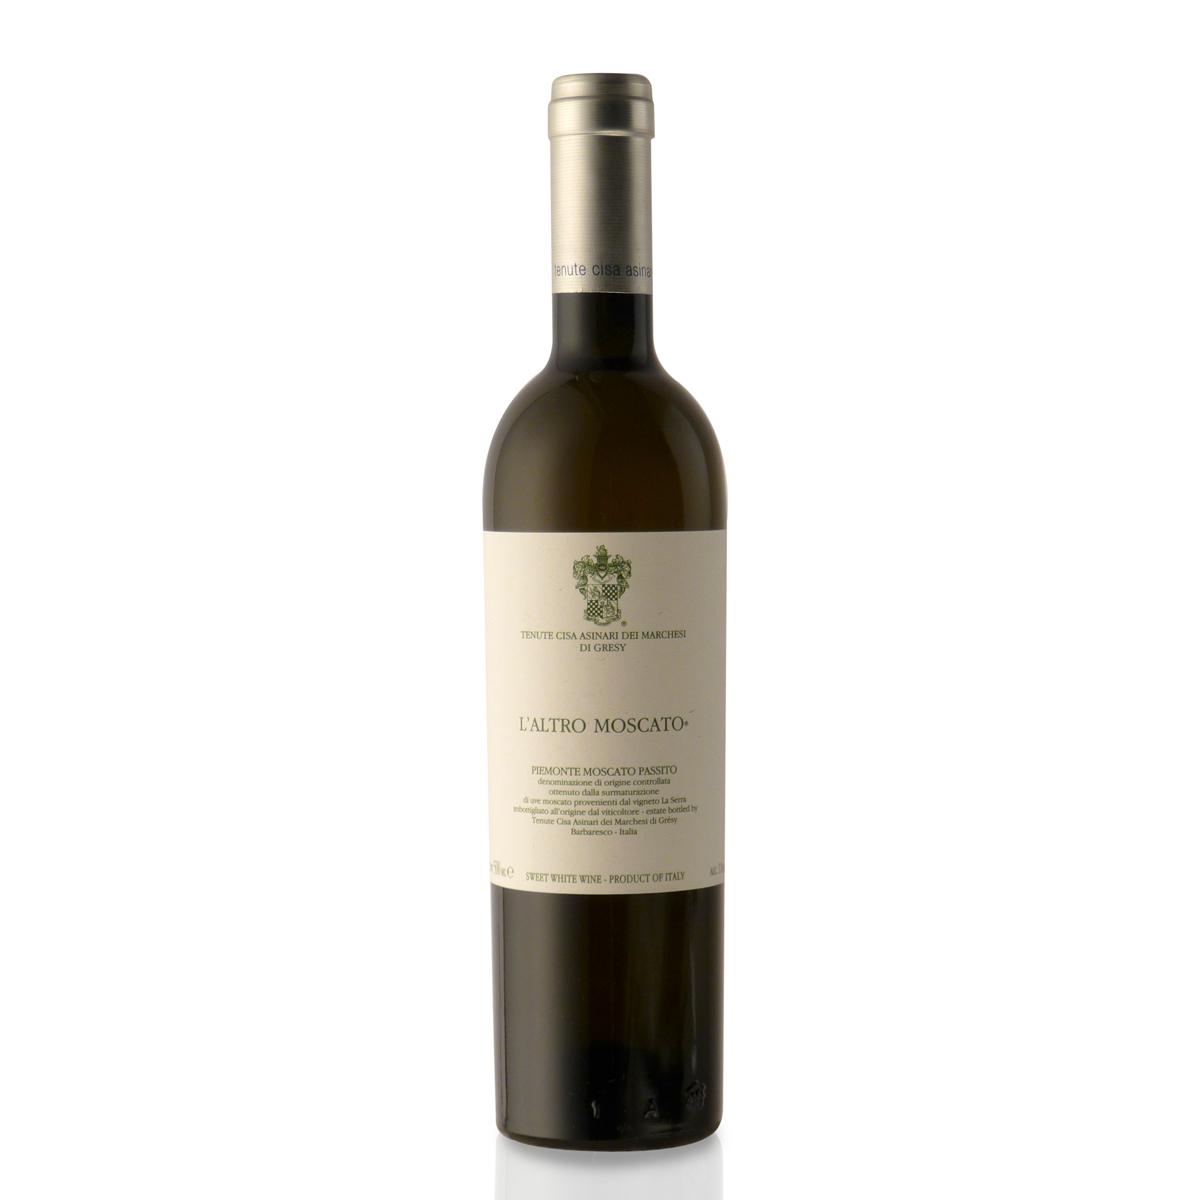 Piemonte Moscato Passito L'Altro Moscato - Vini dolci - Privilege Wine